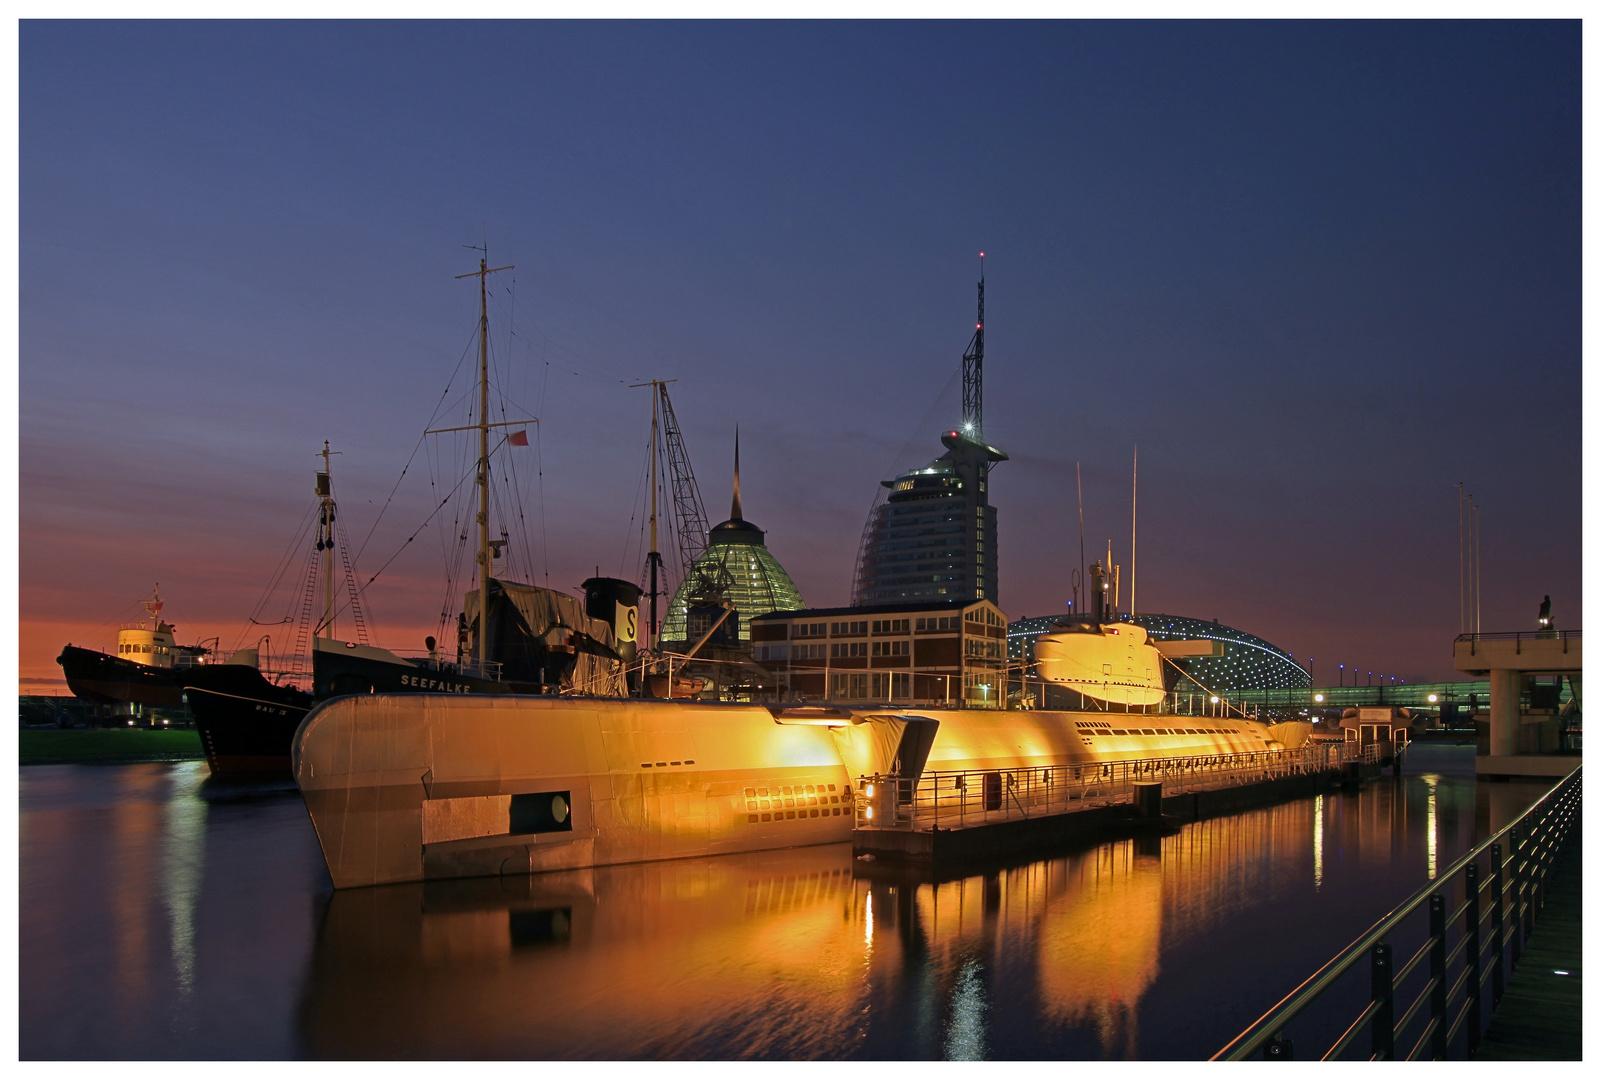 Teil --3--: Havenwelten Bremerhaven am 14.01.2012